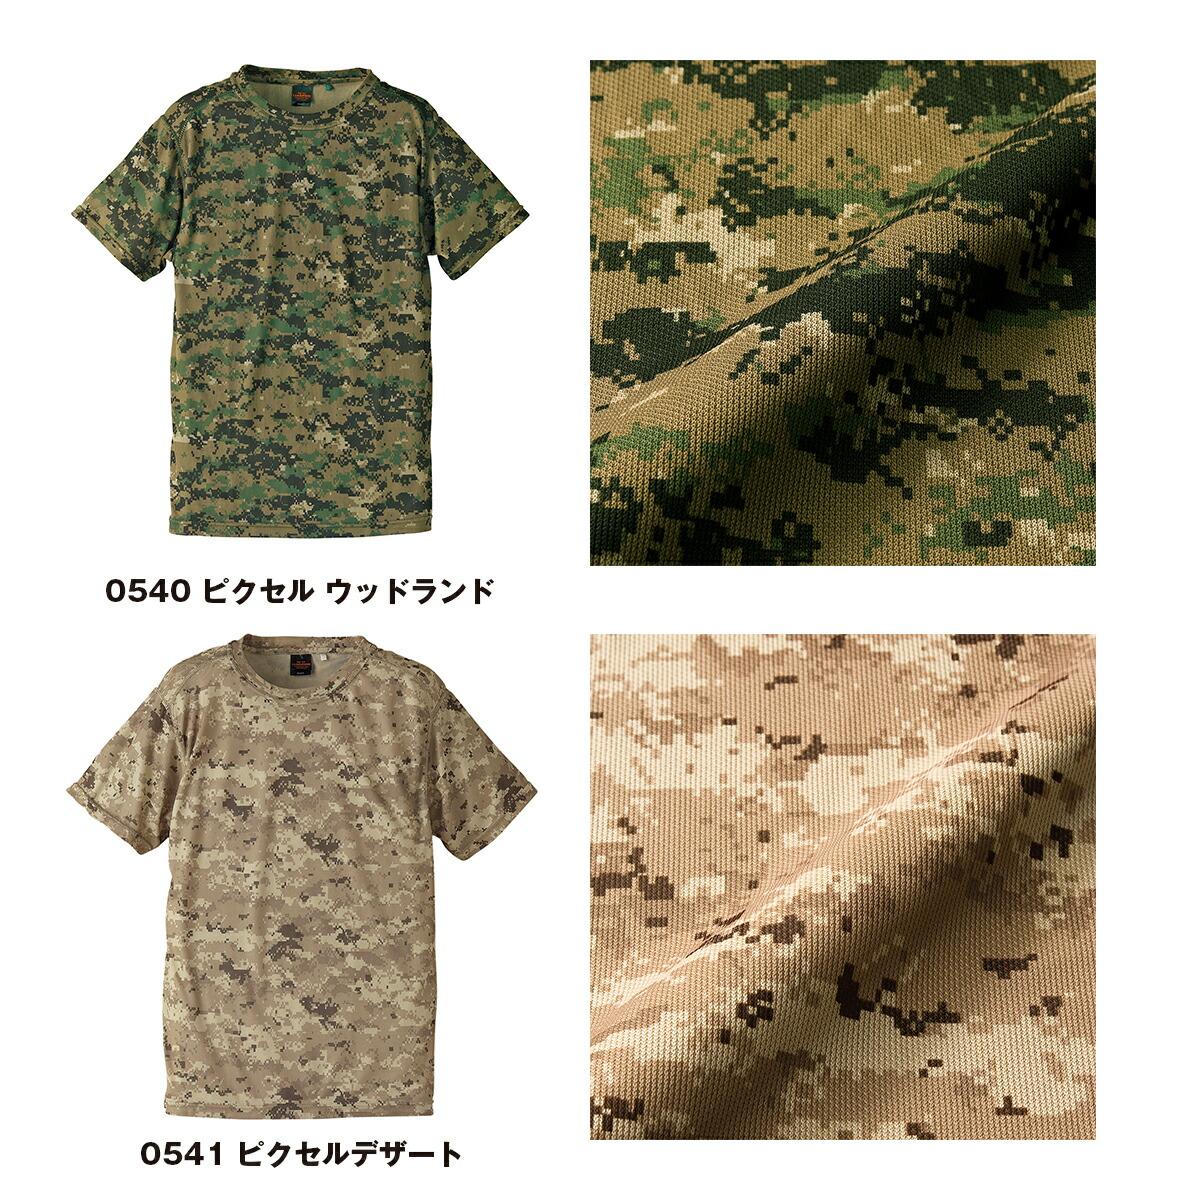 ドライ クールナイス カモフラージュTシャツ